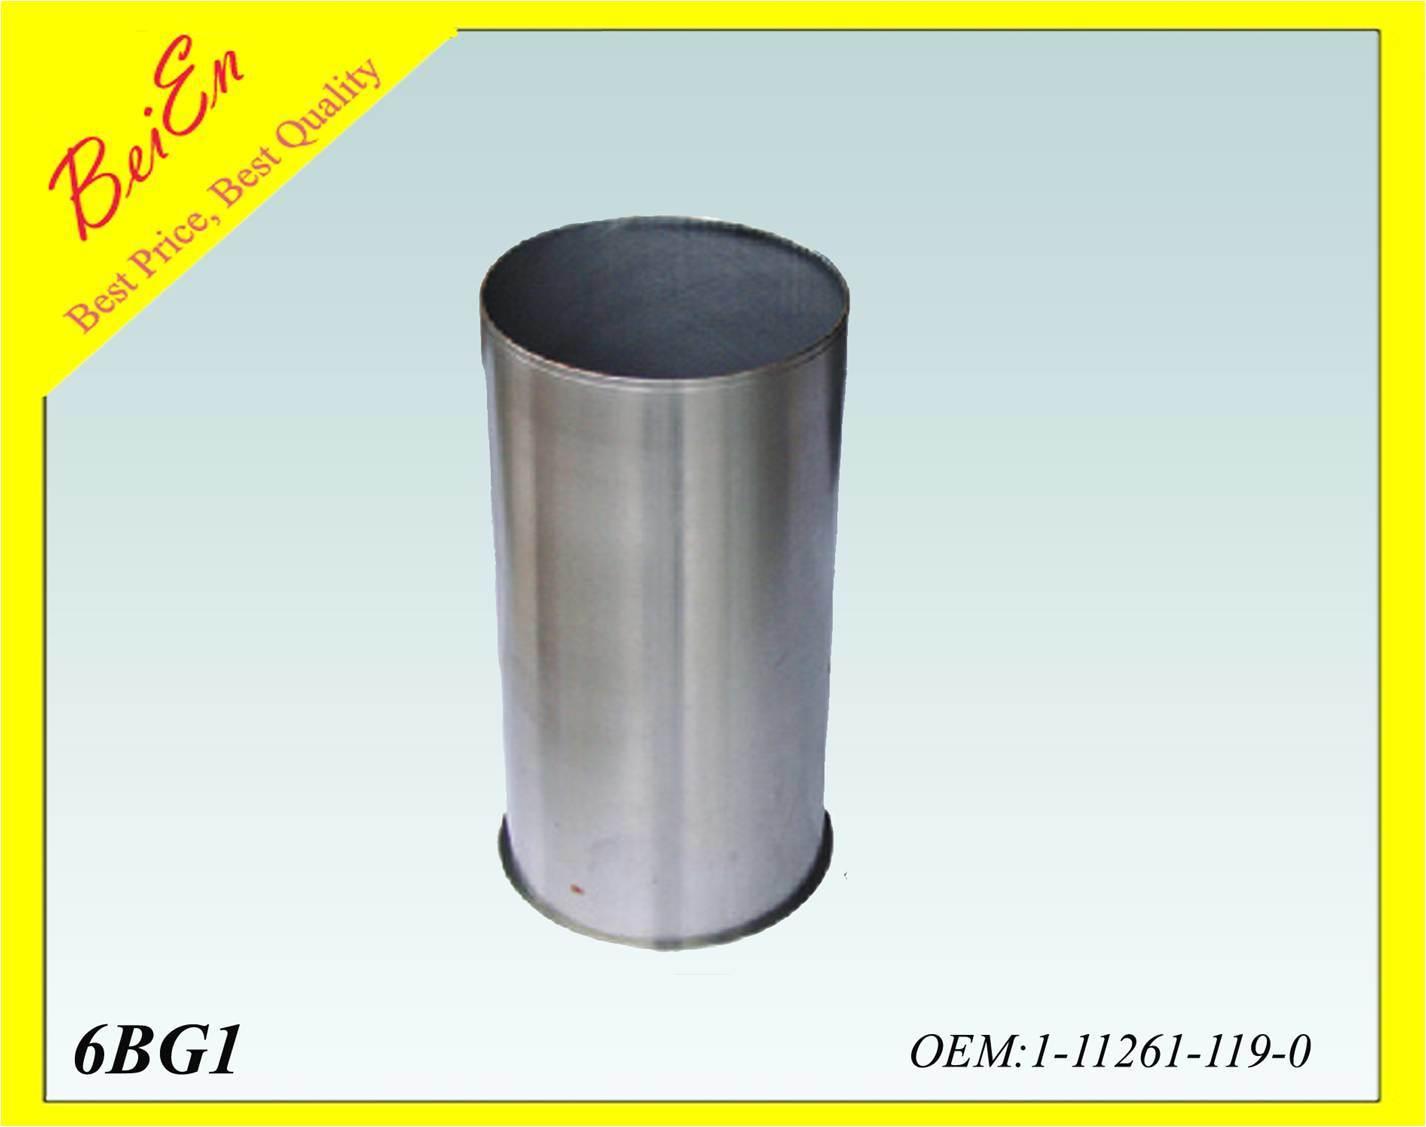 Genunie Cylinder Liner for Excavator 6bg1t Diesel Engine Model (Part number: 1-11261119-0)